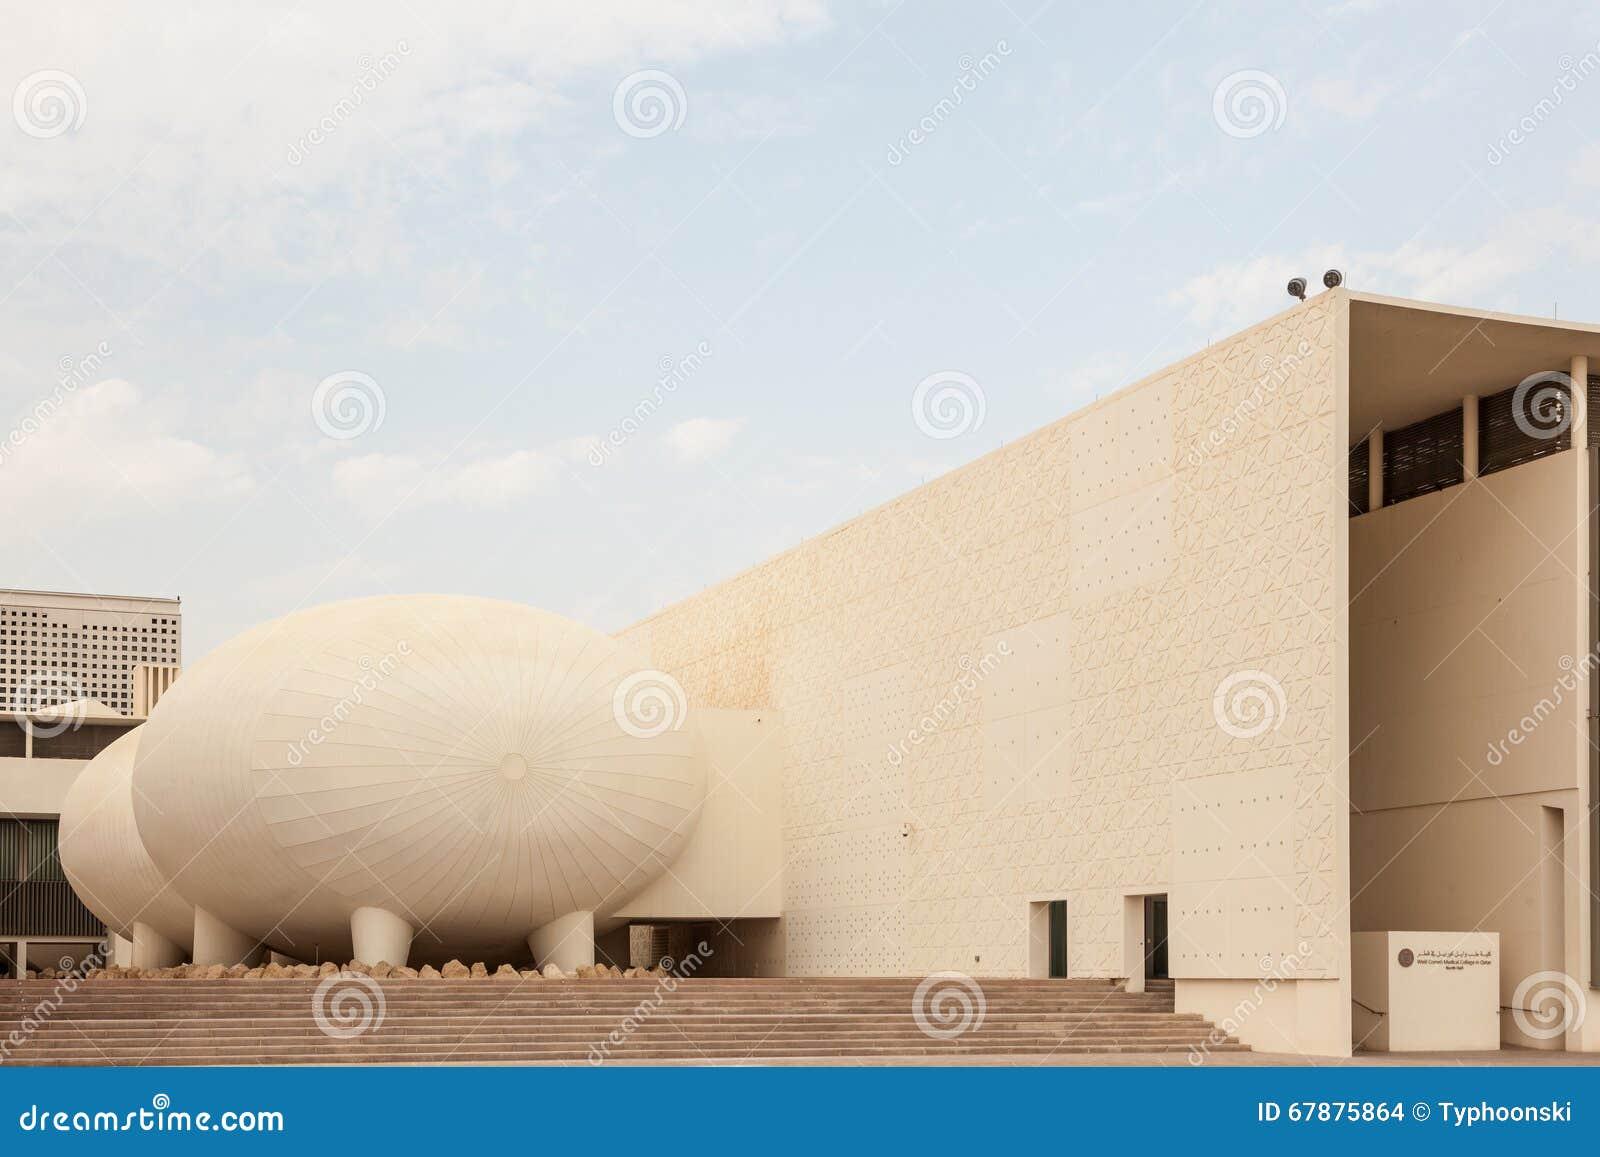 Weill康奈尔山东医学院在多哈,卡塔尔